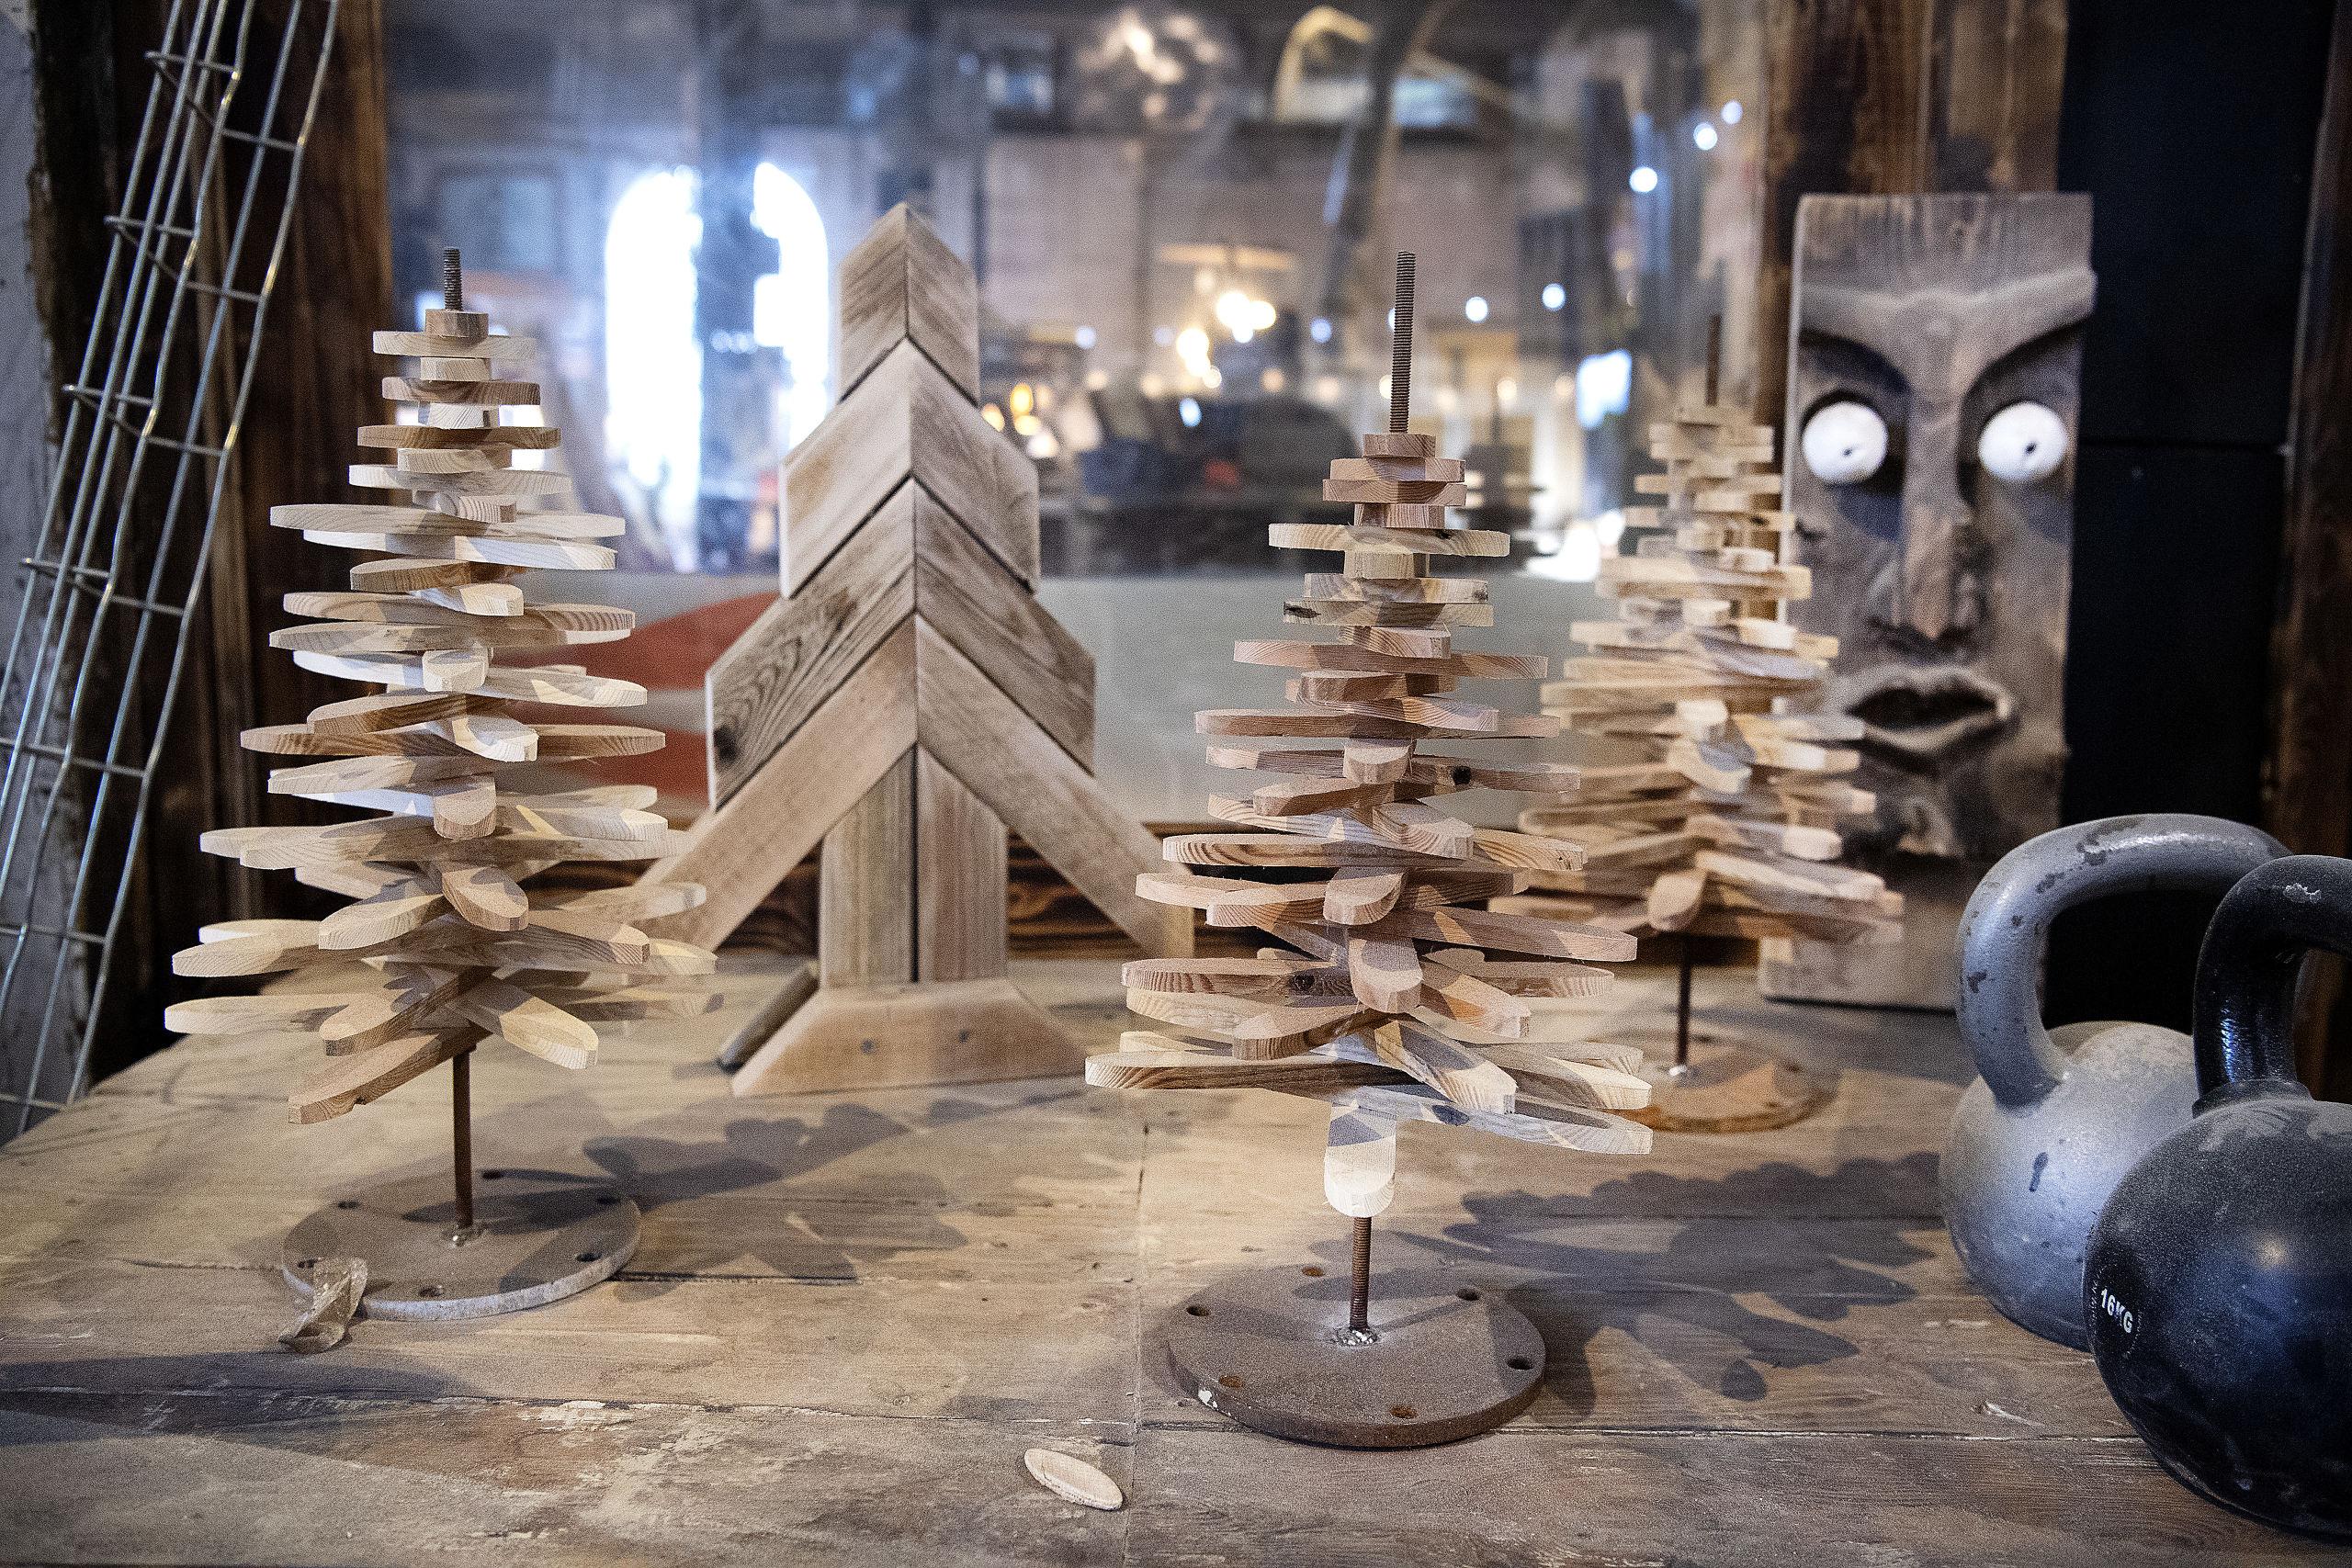 Juletræerne her er noget af det, man kan købe på julemarkedet. Foto: Peter Mørk